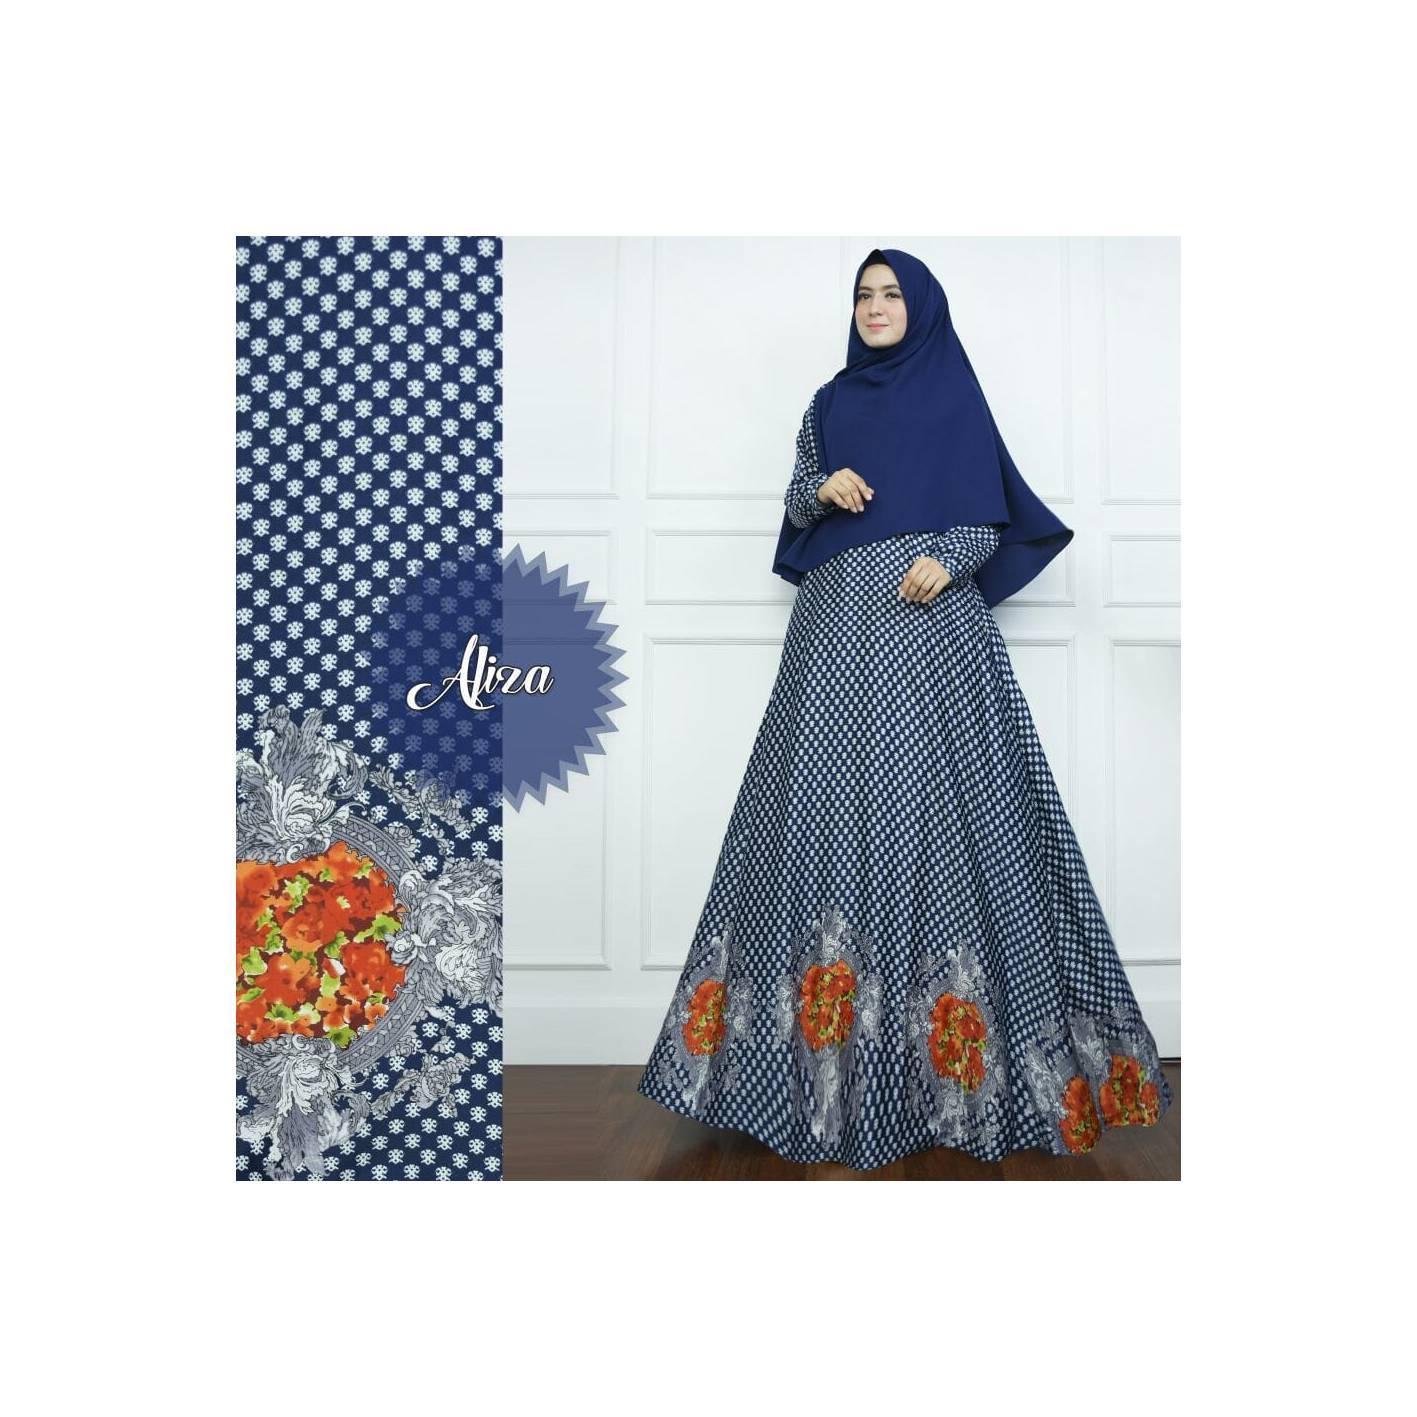 NAVY Gamis Set Bunga Aliza Maxmara Syari Limited Baju Busana Muslimah